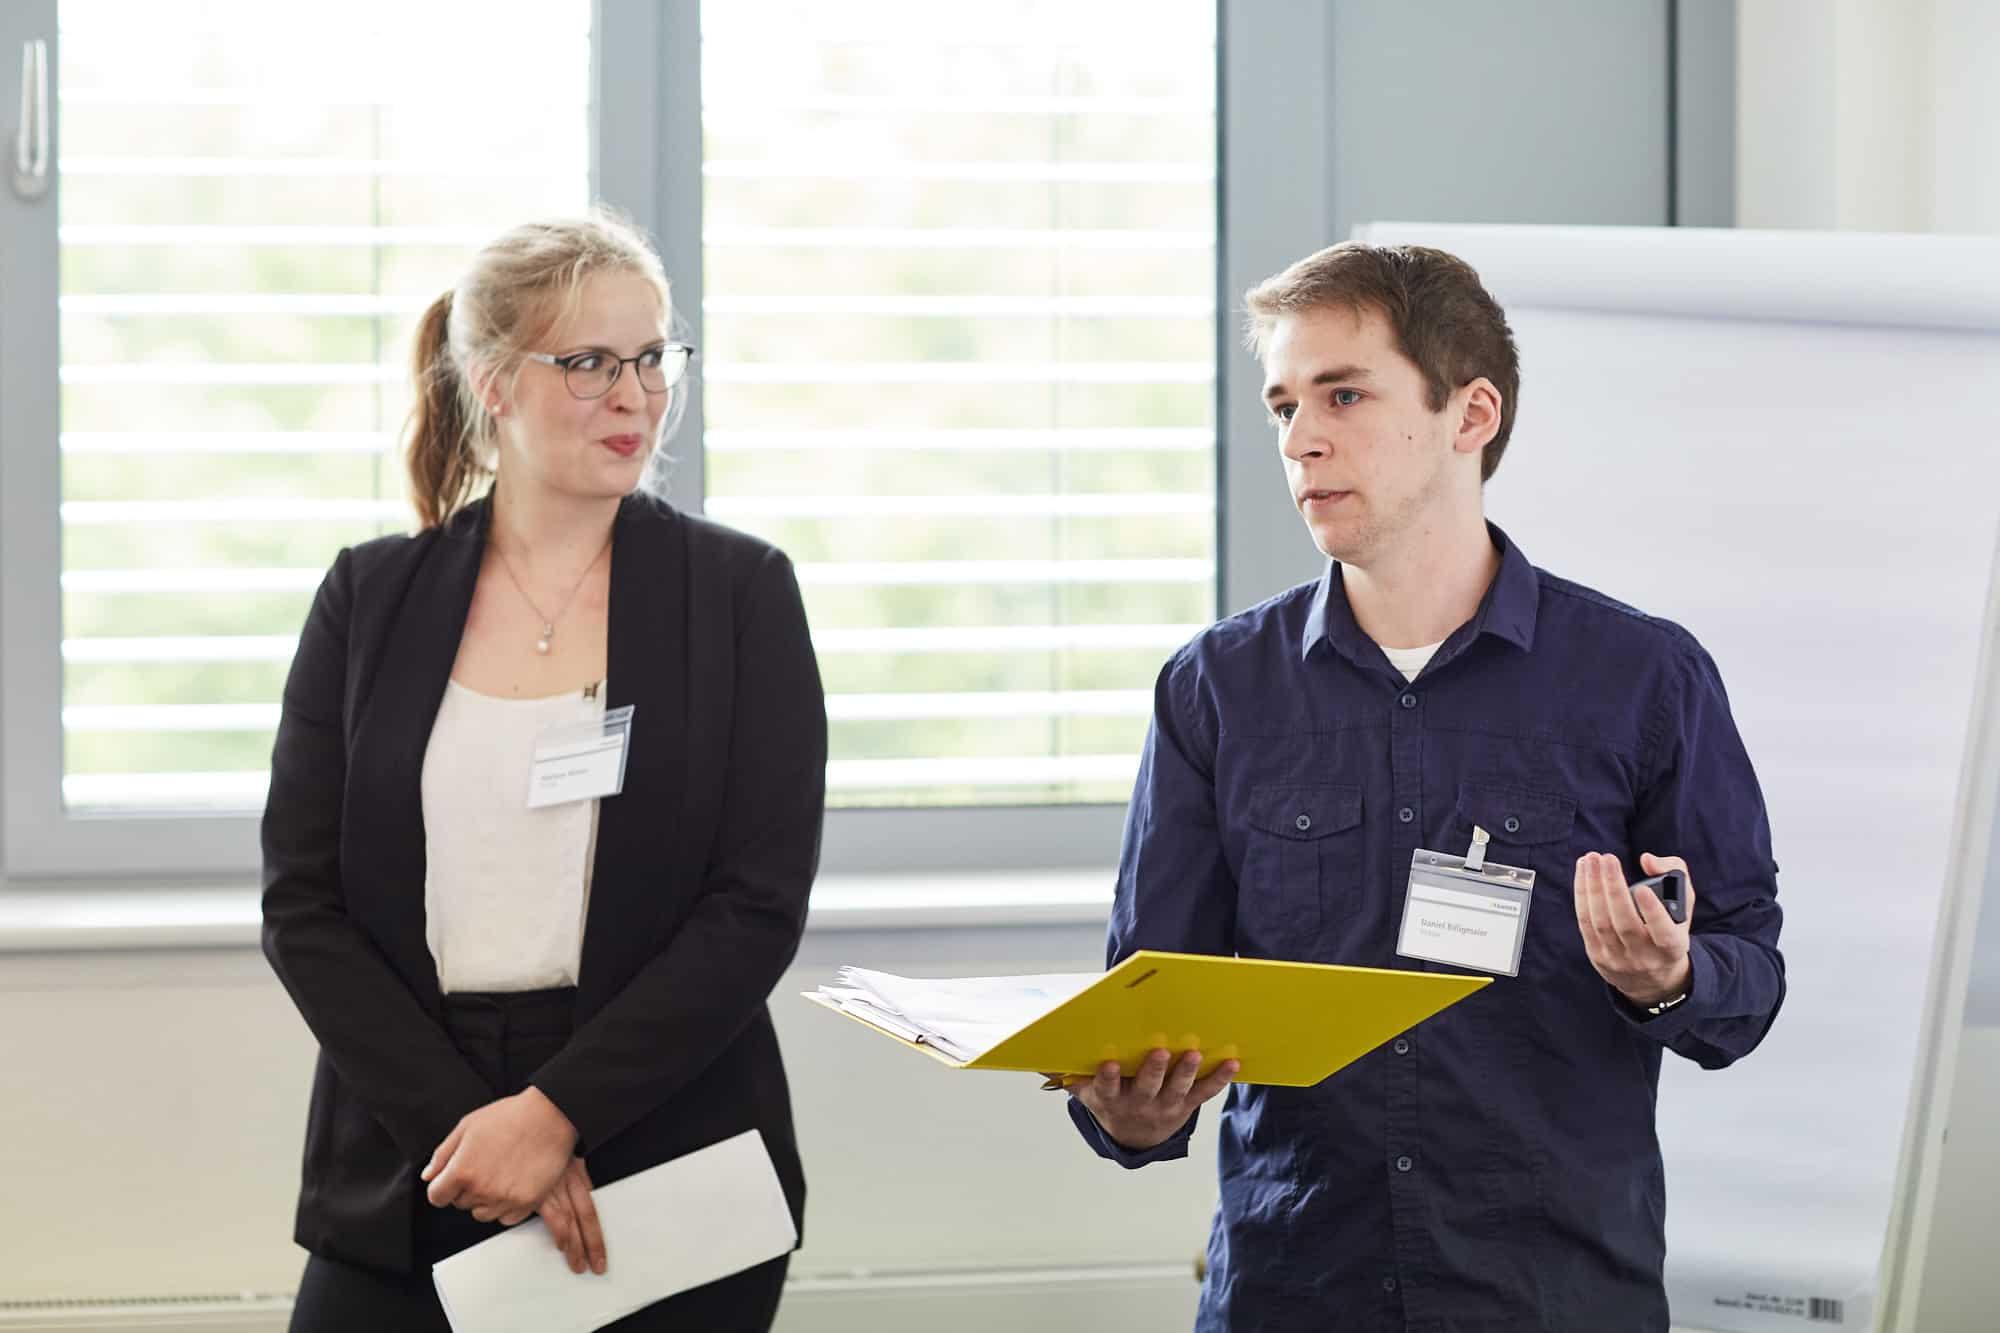 Technische Hochschule Köln bei der Jurysitzung des 12. TANNER-Hochschulwettbewerb